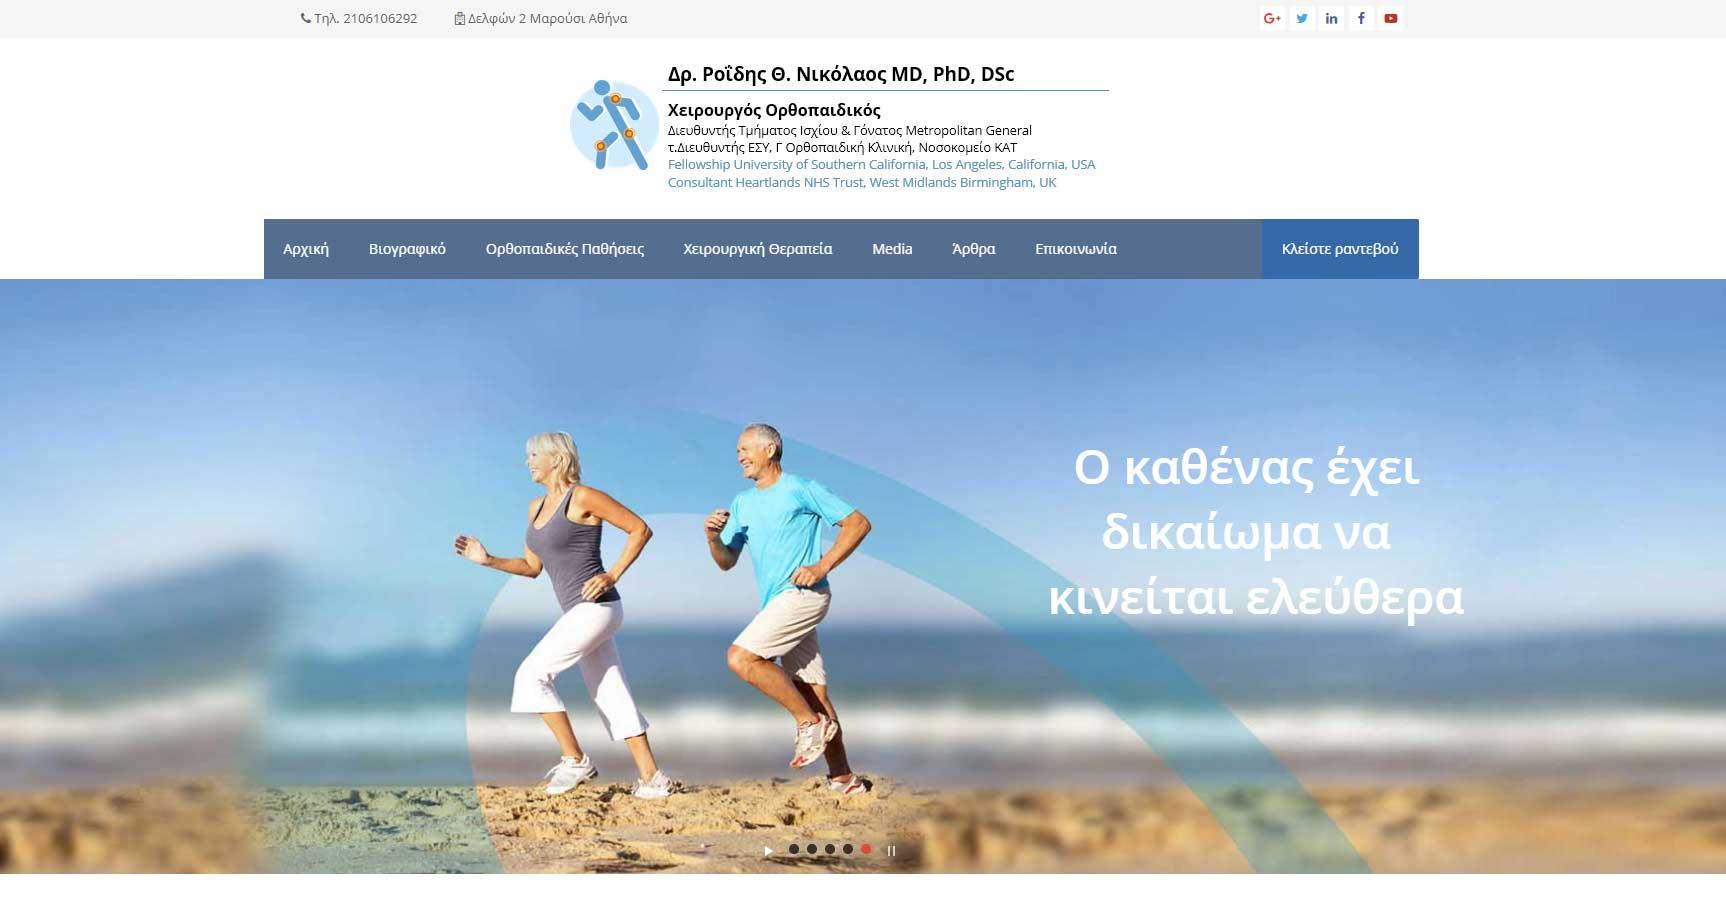 Δωρεάν Πολωνέζικο site γνωριμιών UK